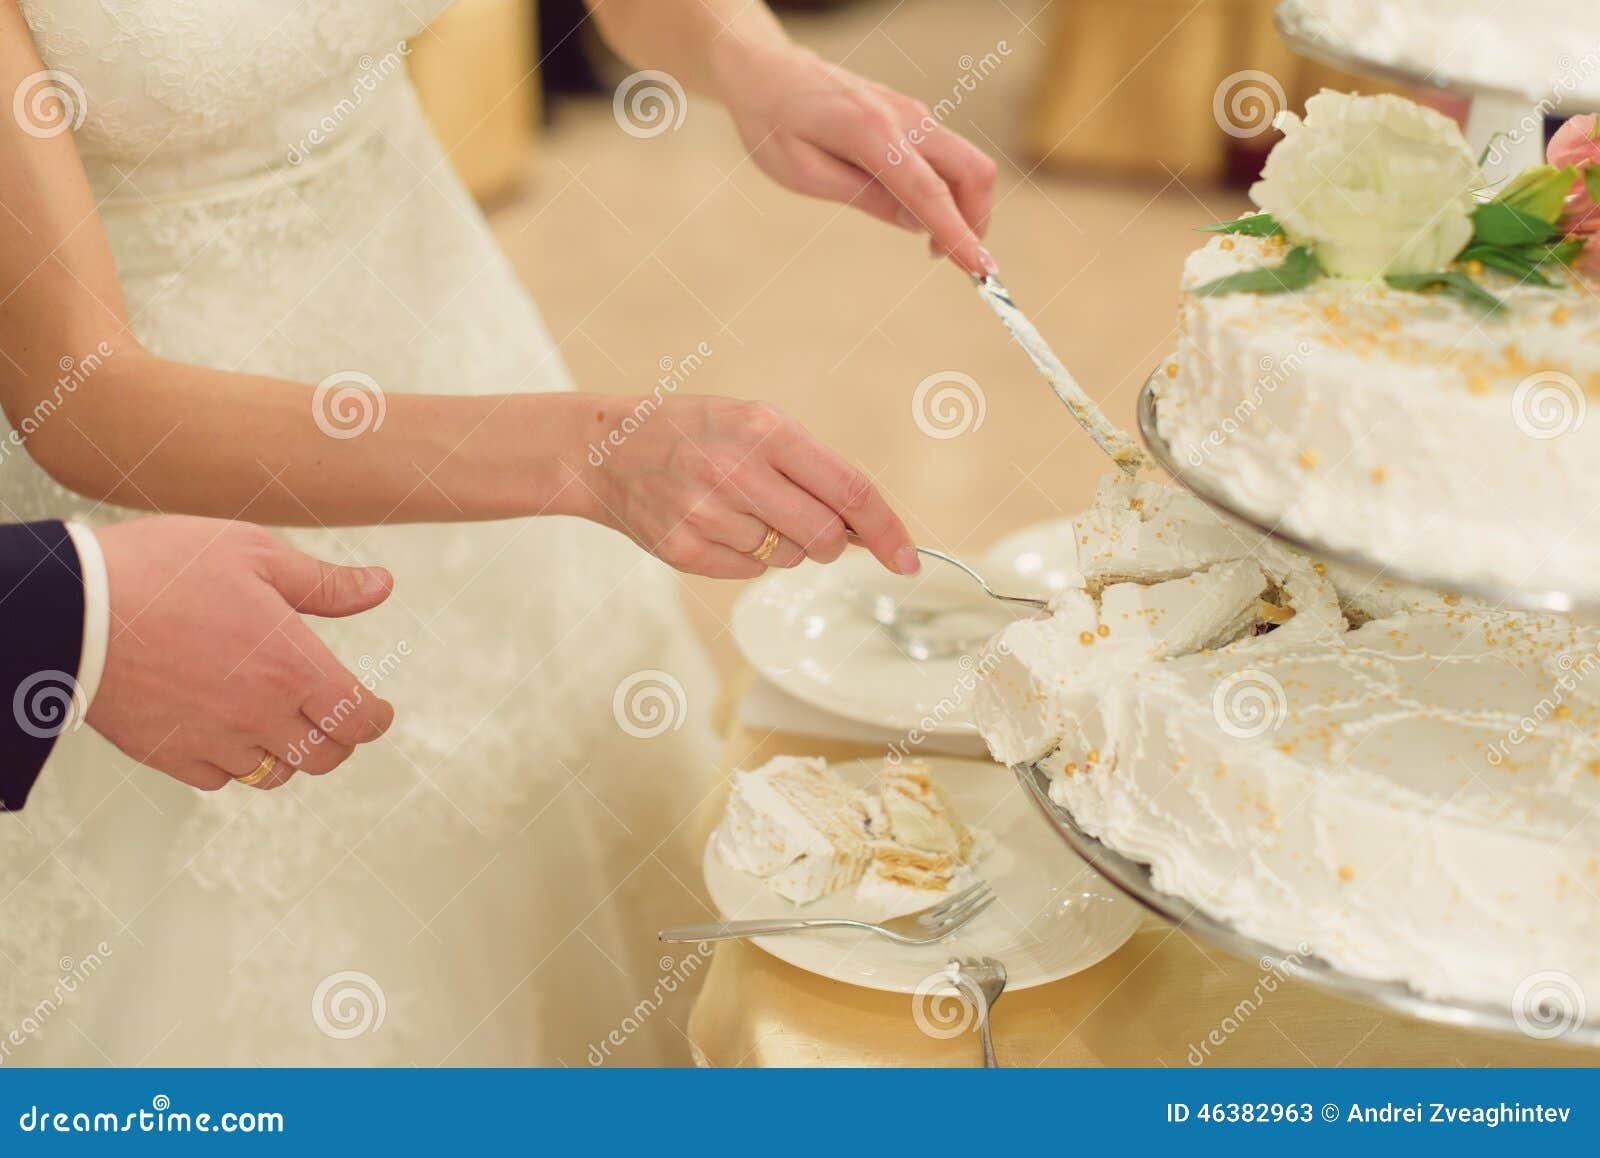 Slice Of White Wedding Cake Stock Image - Image of life, celebration ...